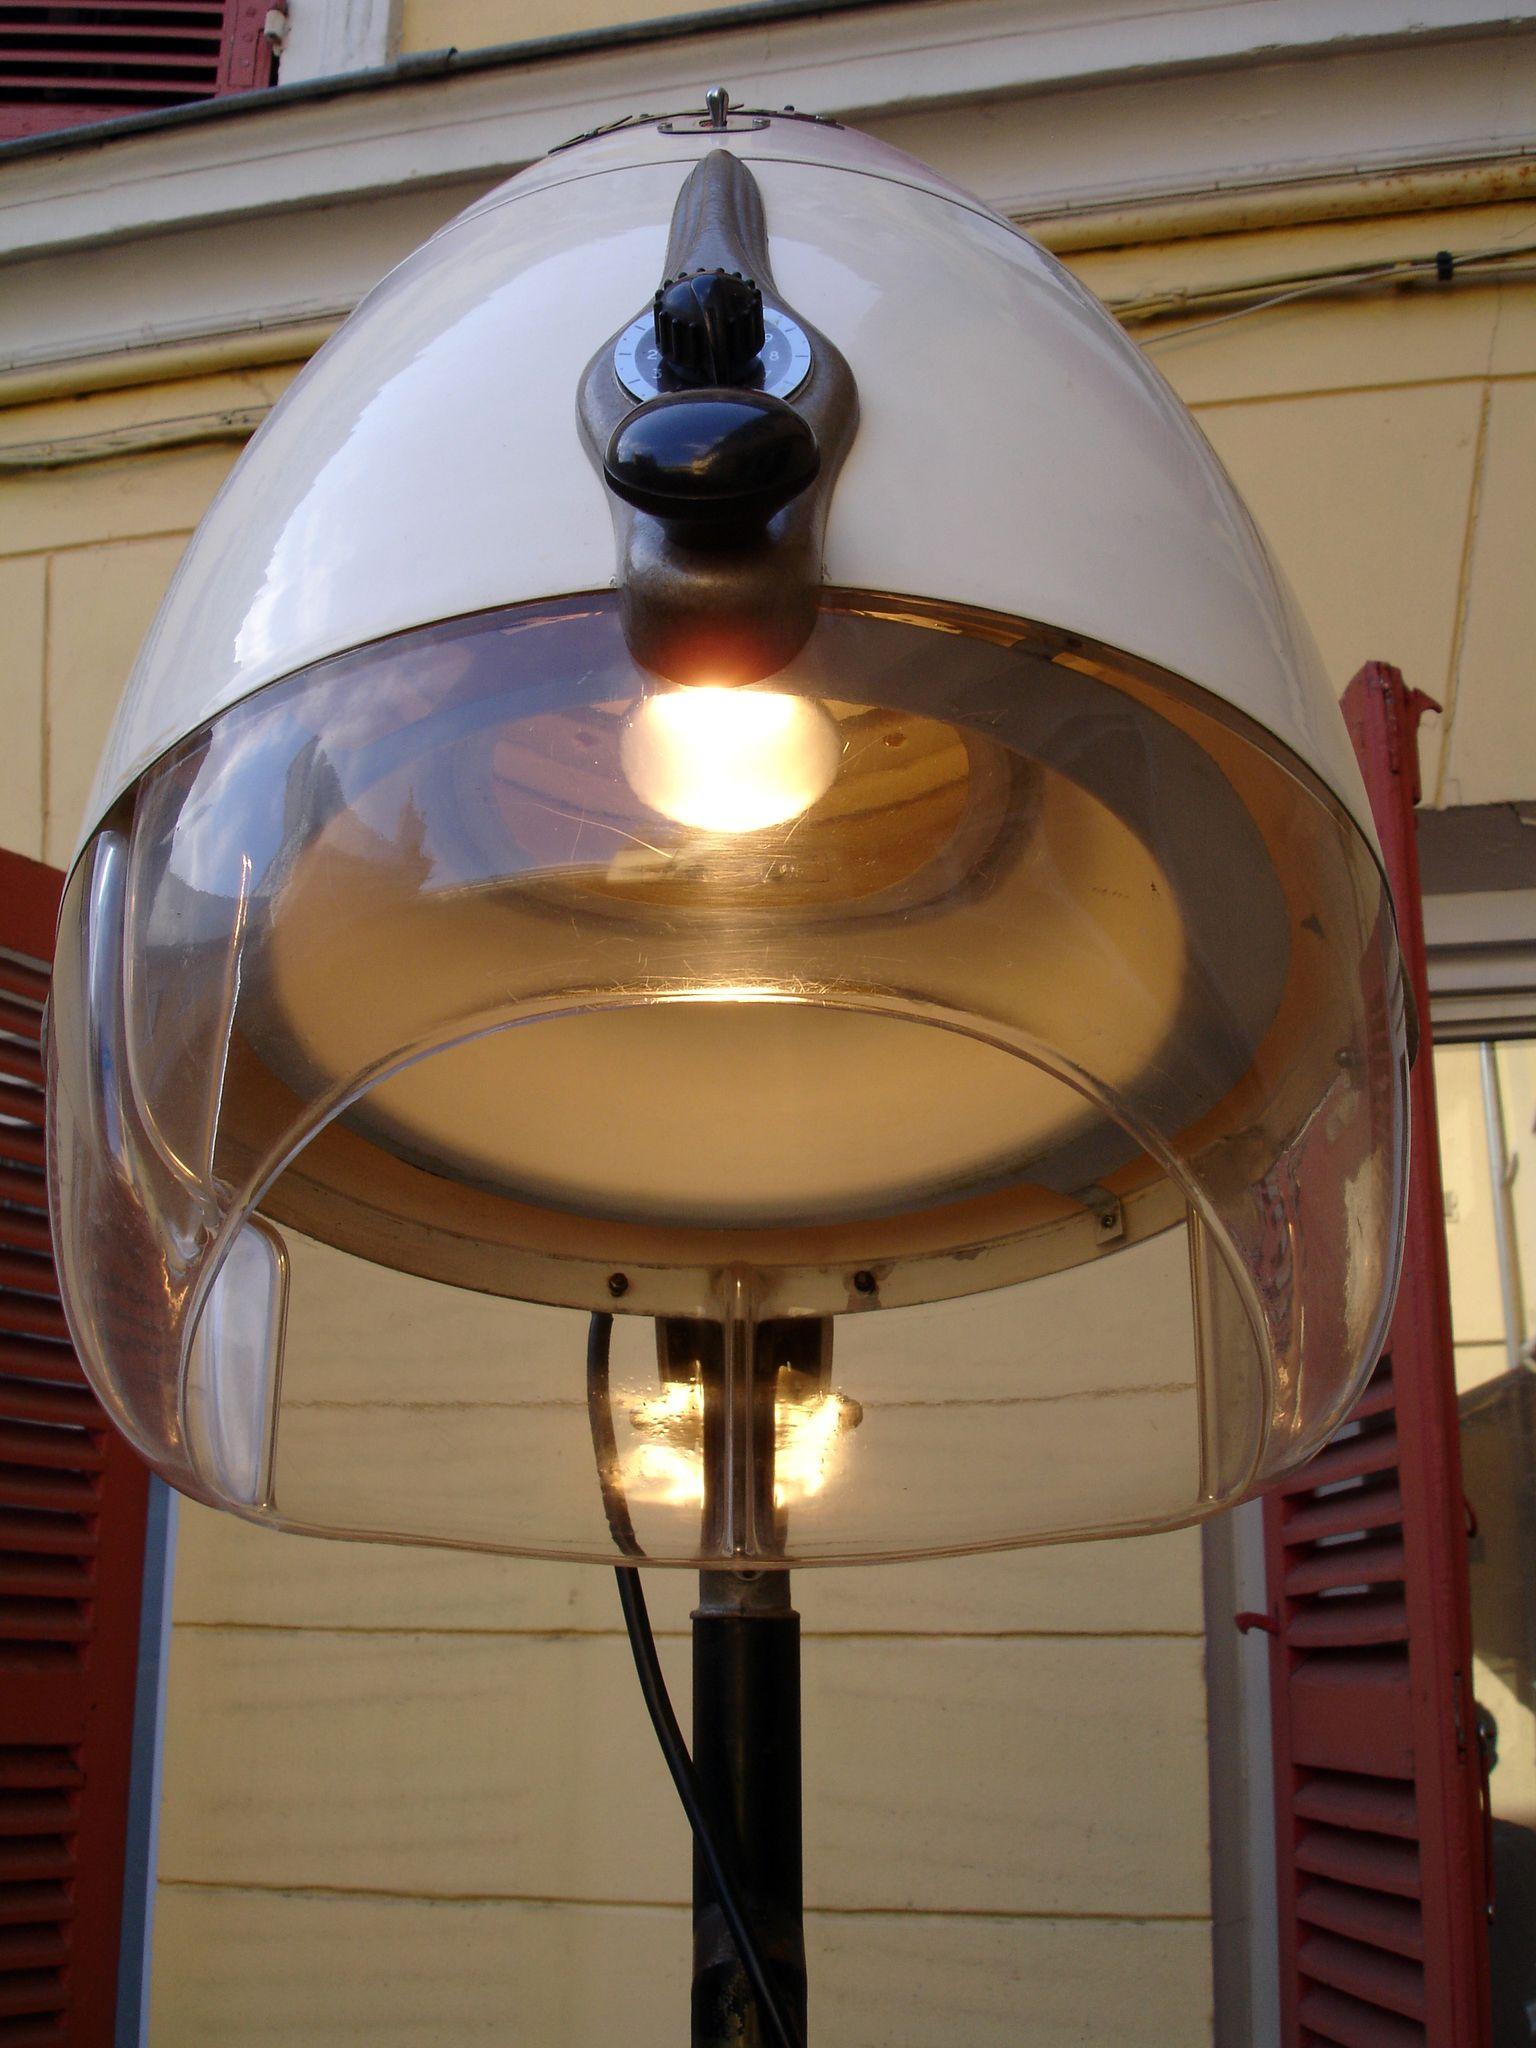 casque de coiffeur en lampe objet detourn pinterest casque coiffeur et objets d tourn s. Black Bedroom Furniture Sets. Home Design Ideas